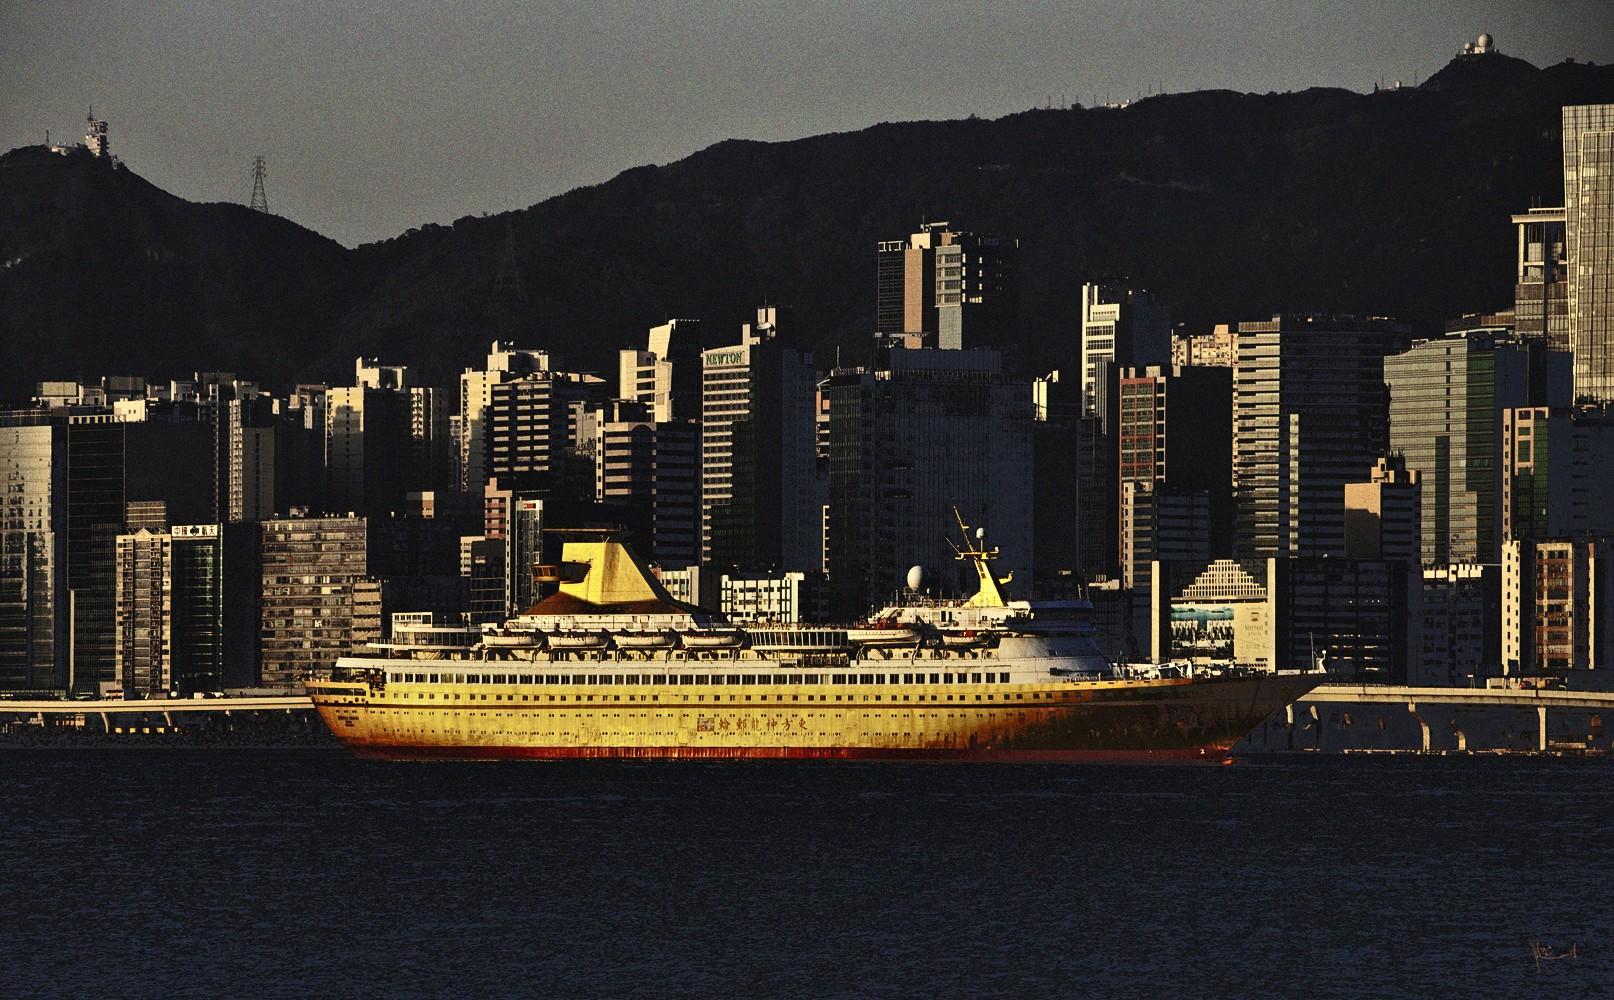 Golden Cruise Ship, HK